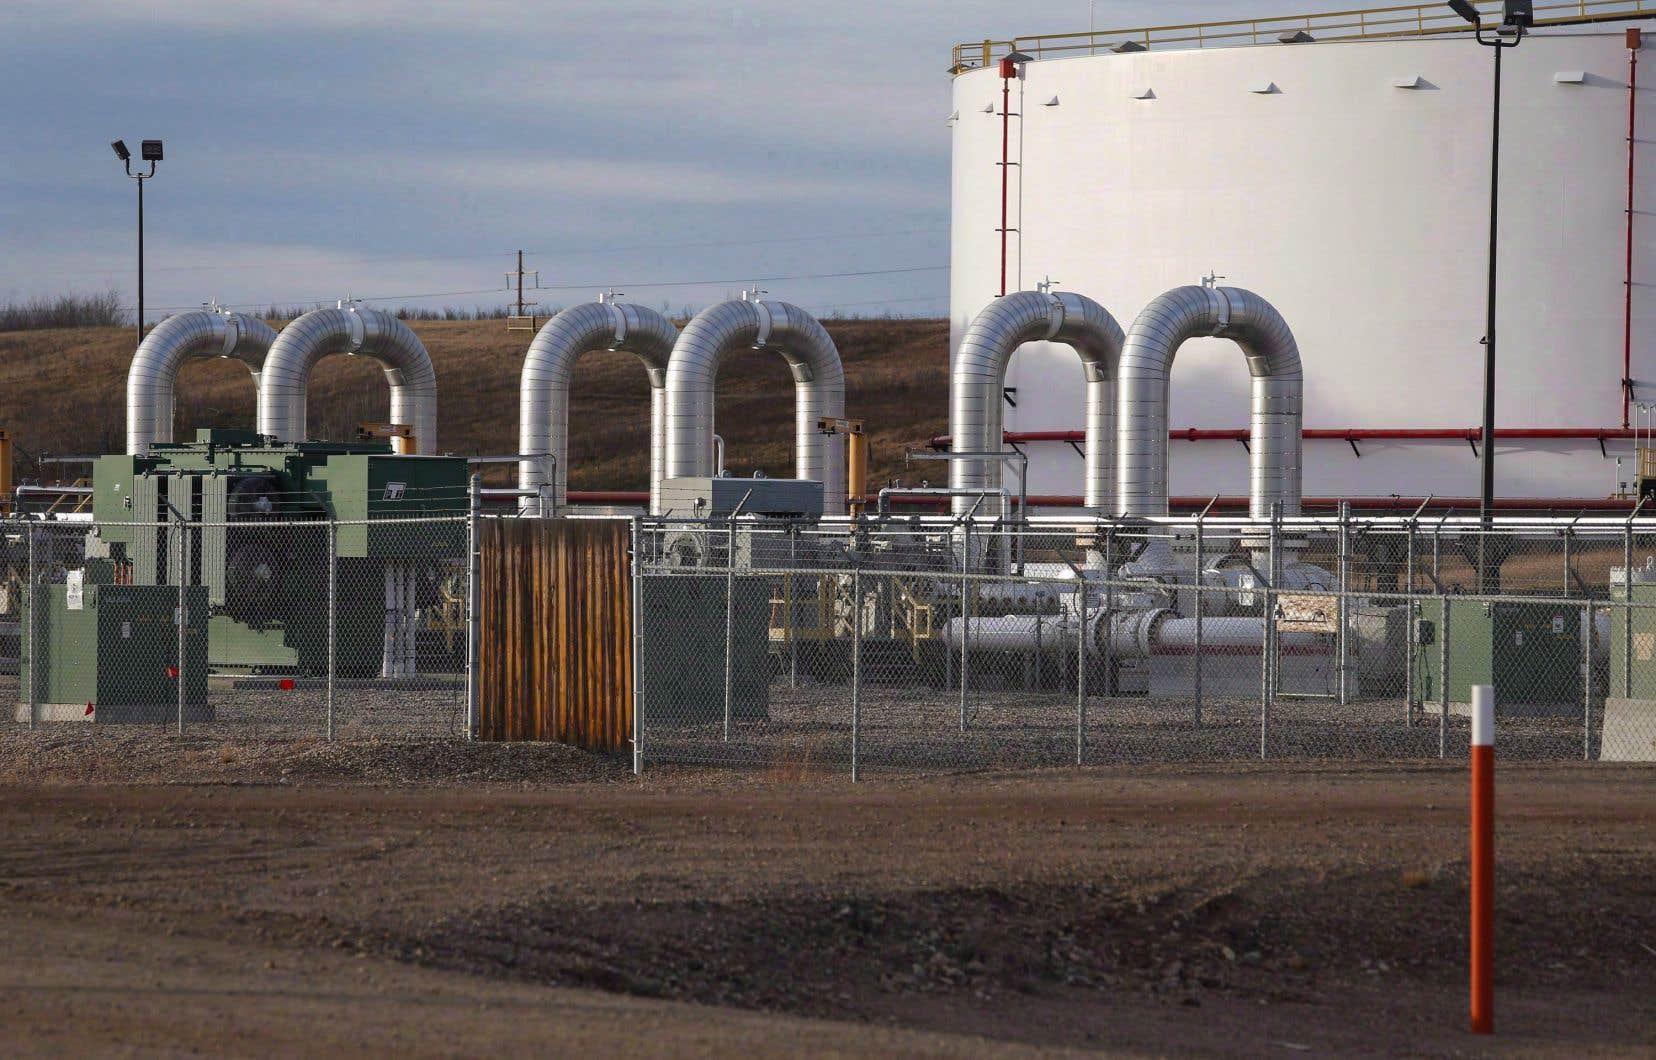 La première ministre de l'Alberta, Rachel Notley, a affirmé que l'Alberta devait valoriser et raffiner davantage ses produits énergétiques à la maison.